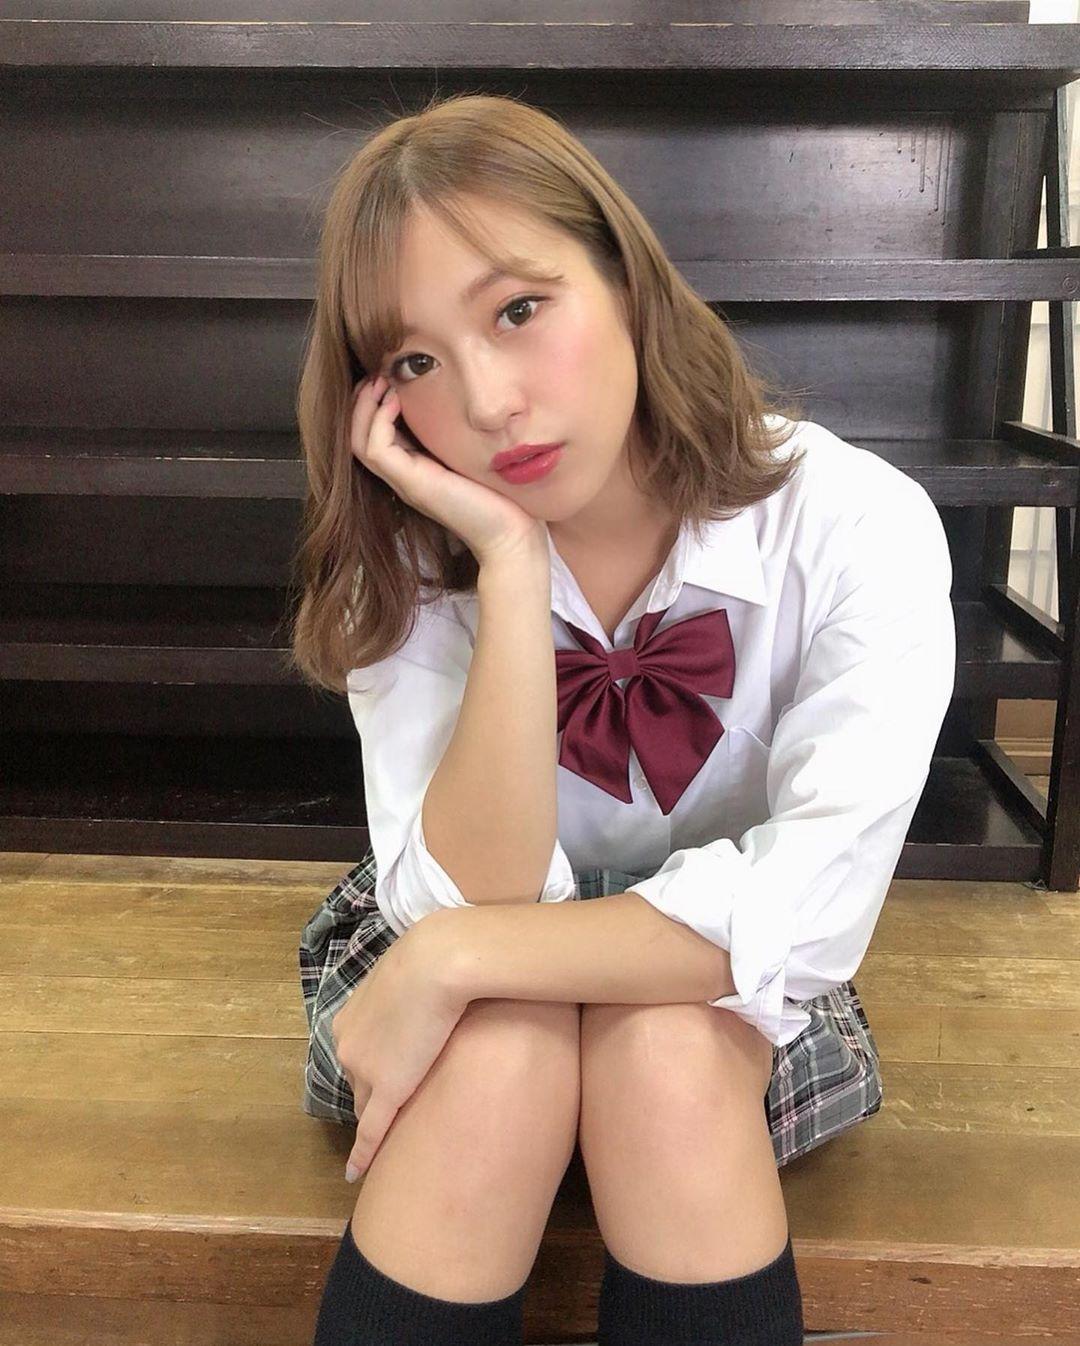 ishihara_yuriko081.jpg